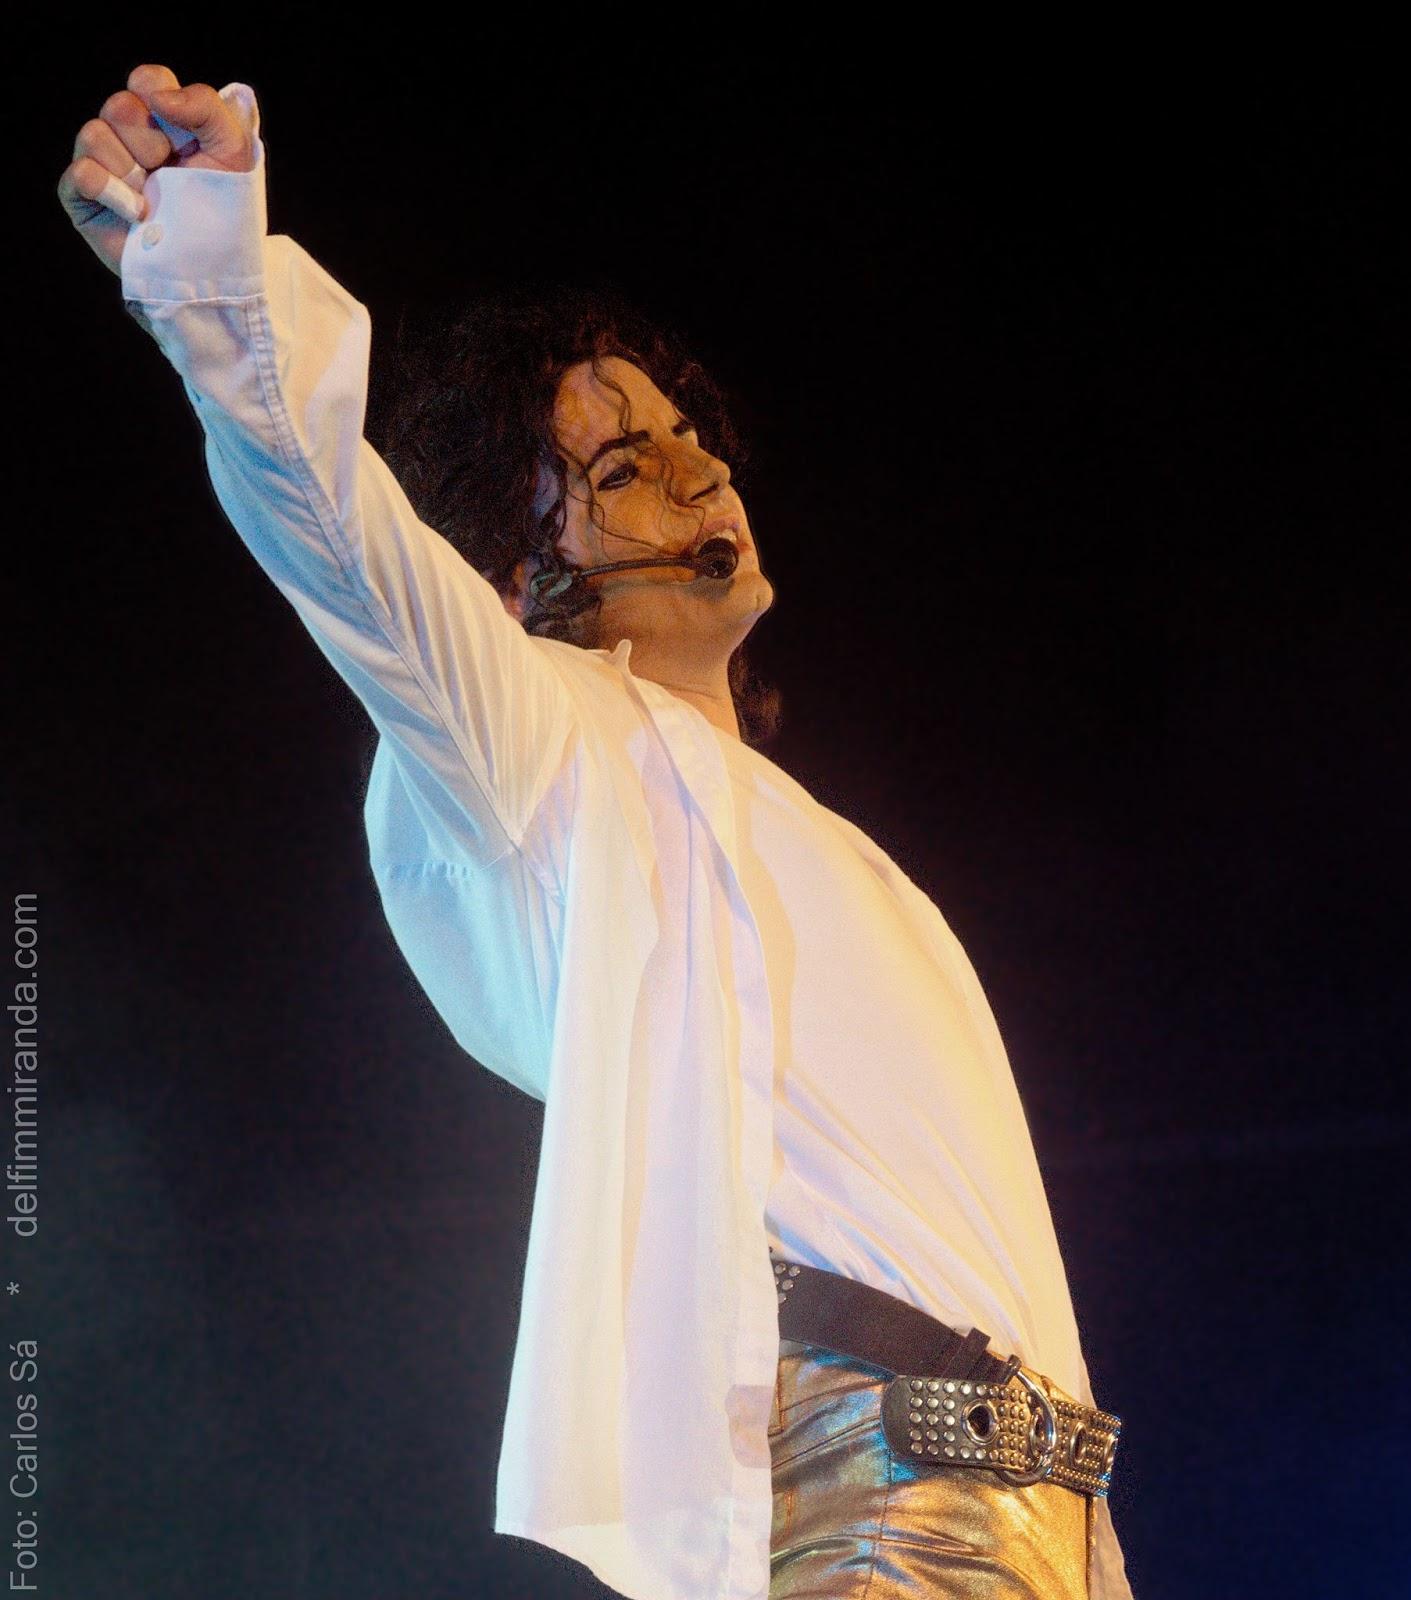 Delfim Miranda - Michael Jackson Tribute - You Are Not Alone - Live